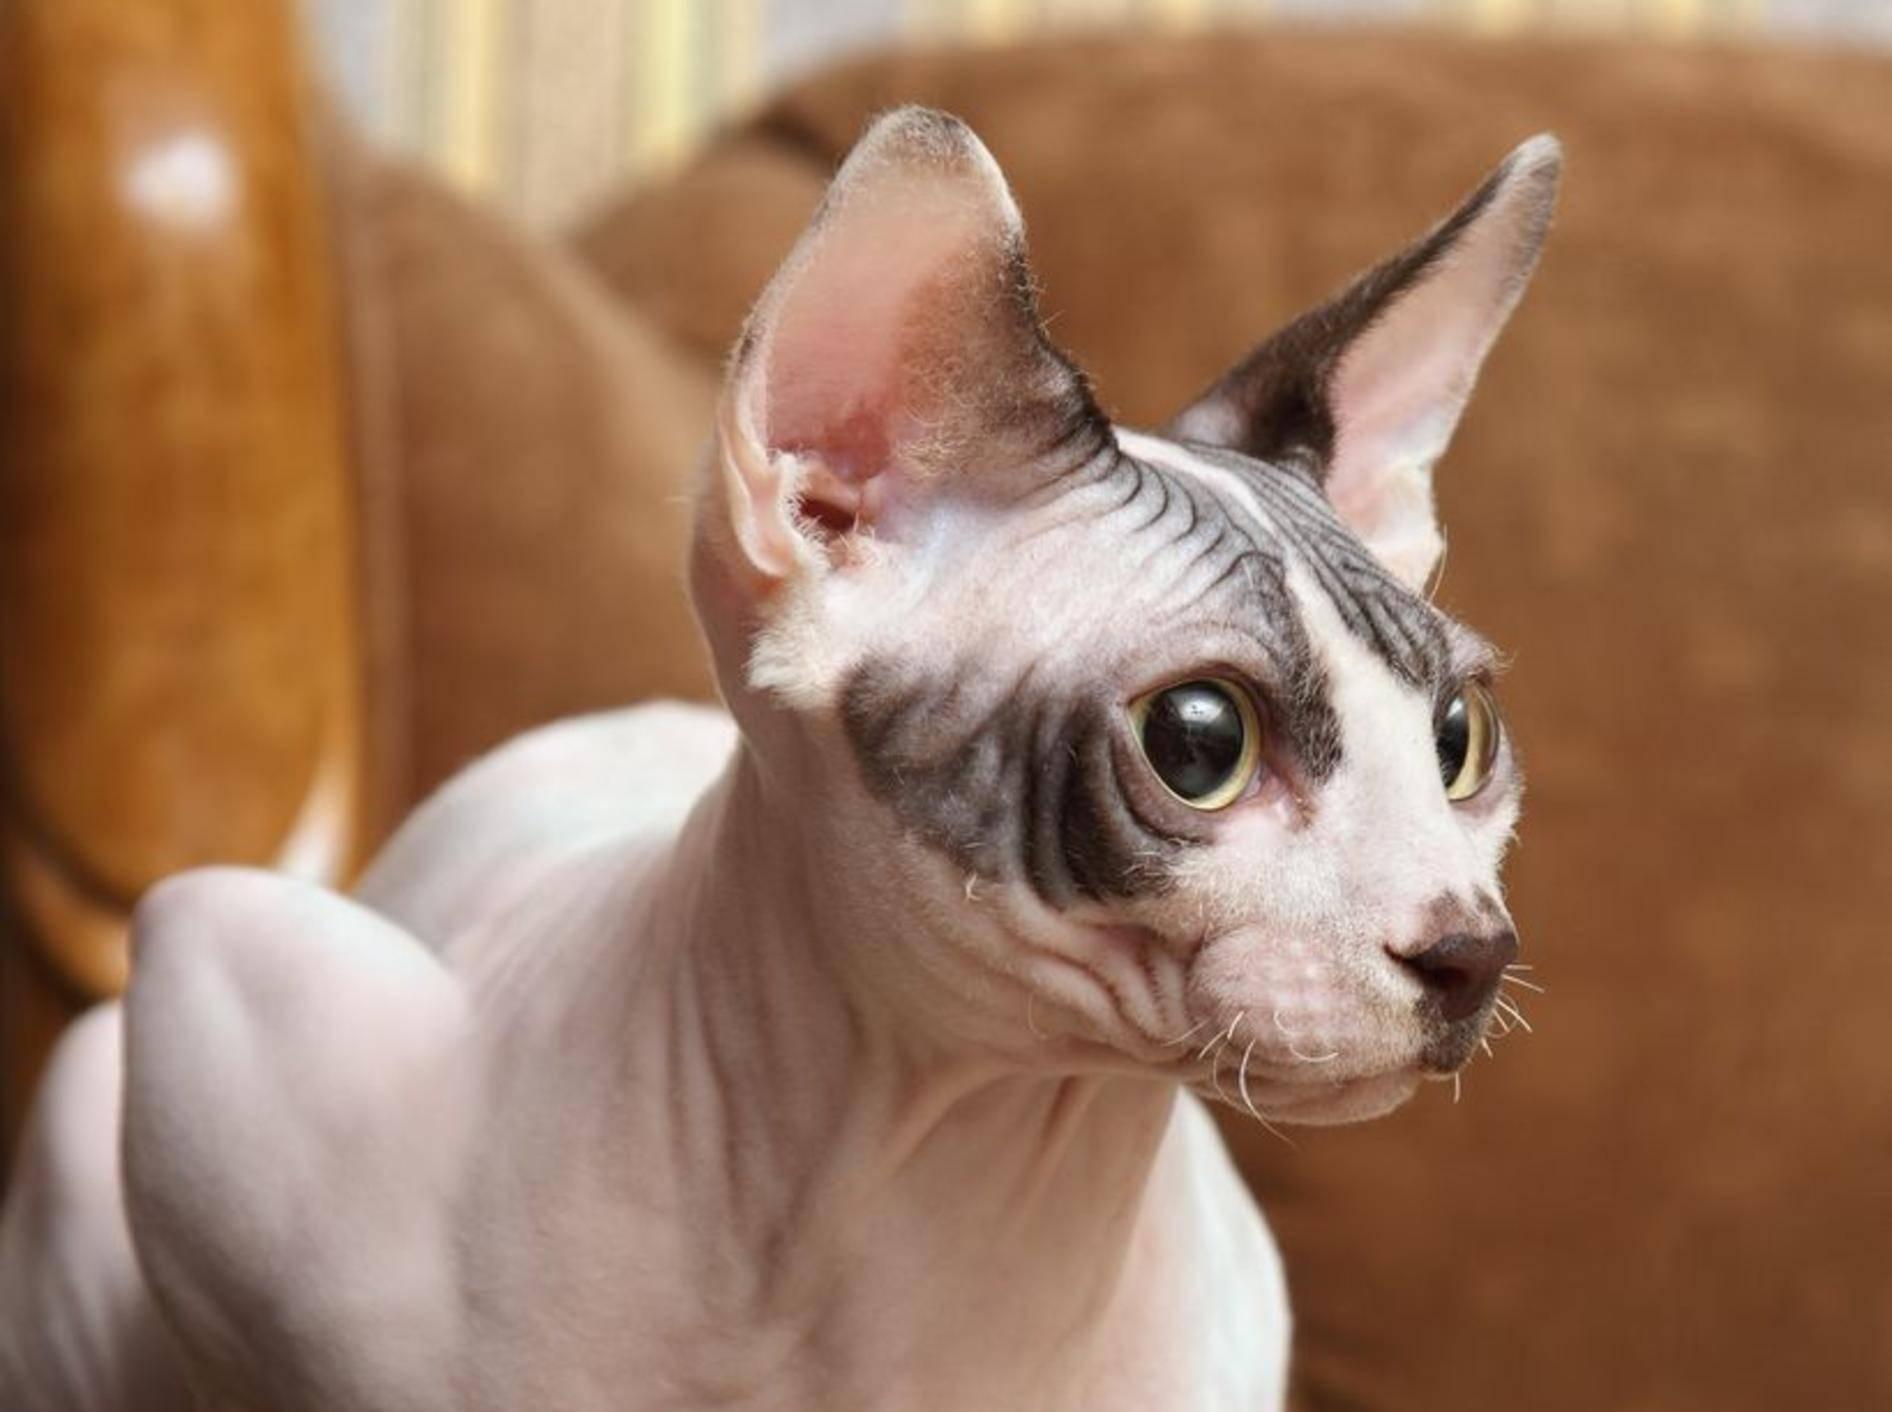 Die exotische Sphynx-Katze soll schon von den Azteken gehalten worden sein. Heutige Züchtungen stammen jedoch aus Kanada. Die verwandte Don-Sphynx stammt aus Russland. – Bildquelle: Shutterstock / Konjushenko Vladimir